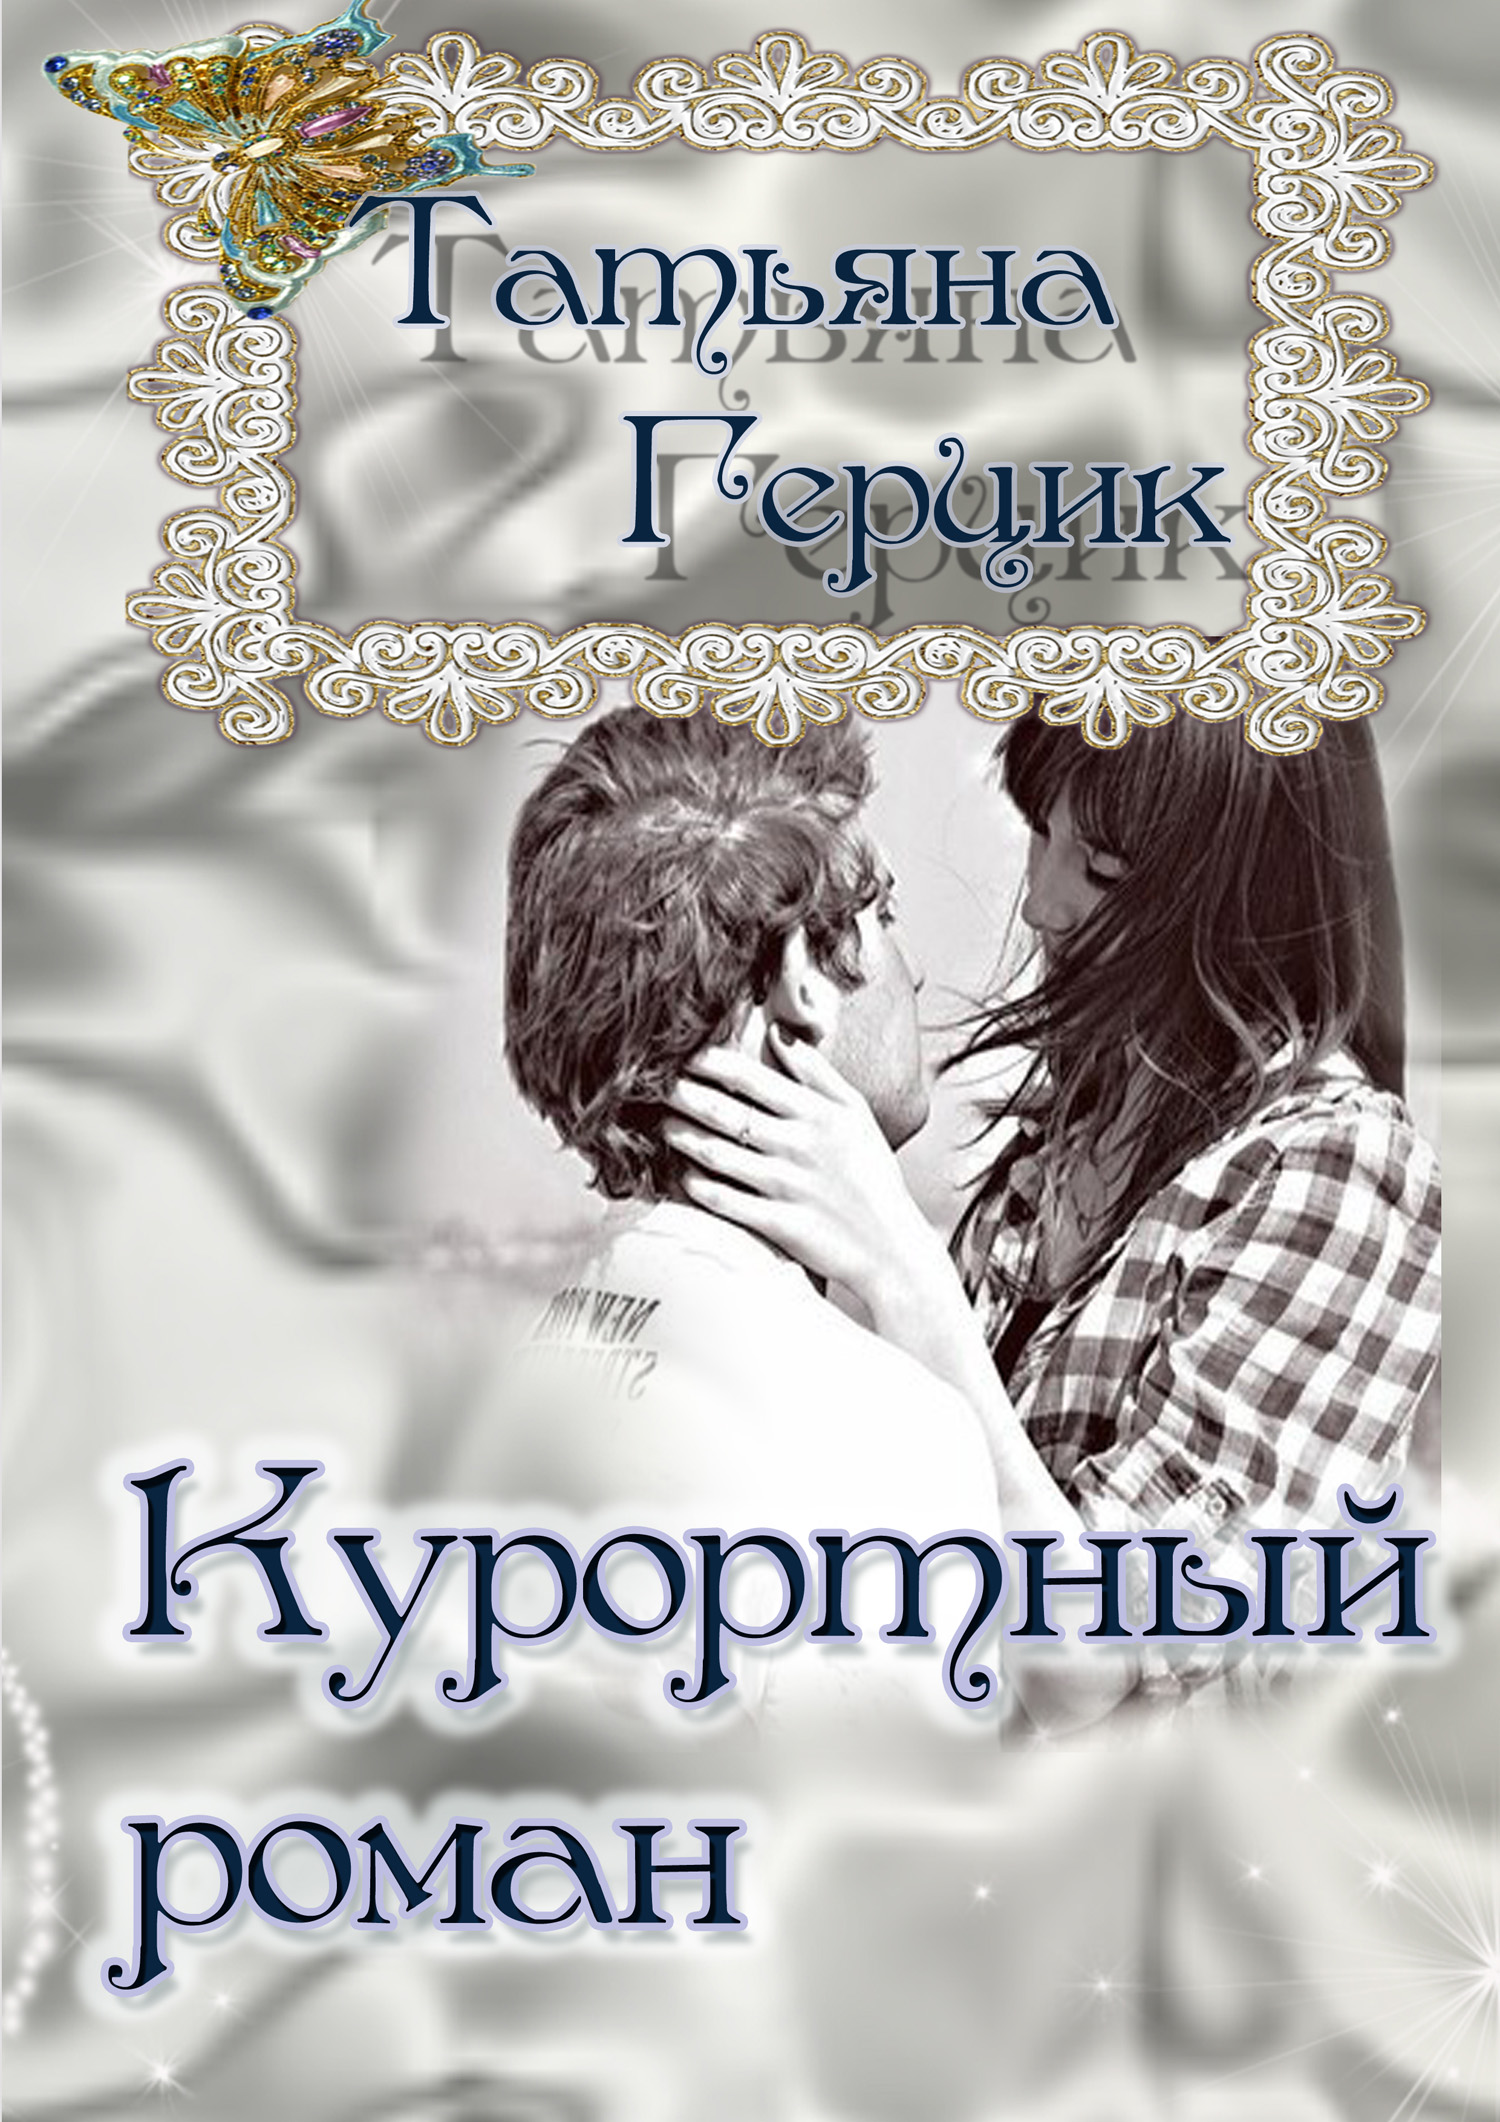 Татьяна Герцик Курортный роман мэйджер э мужчина и две женщины роман